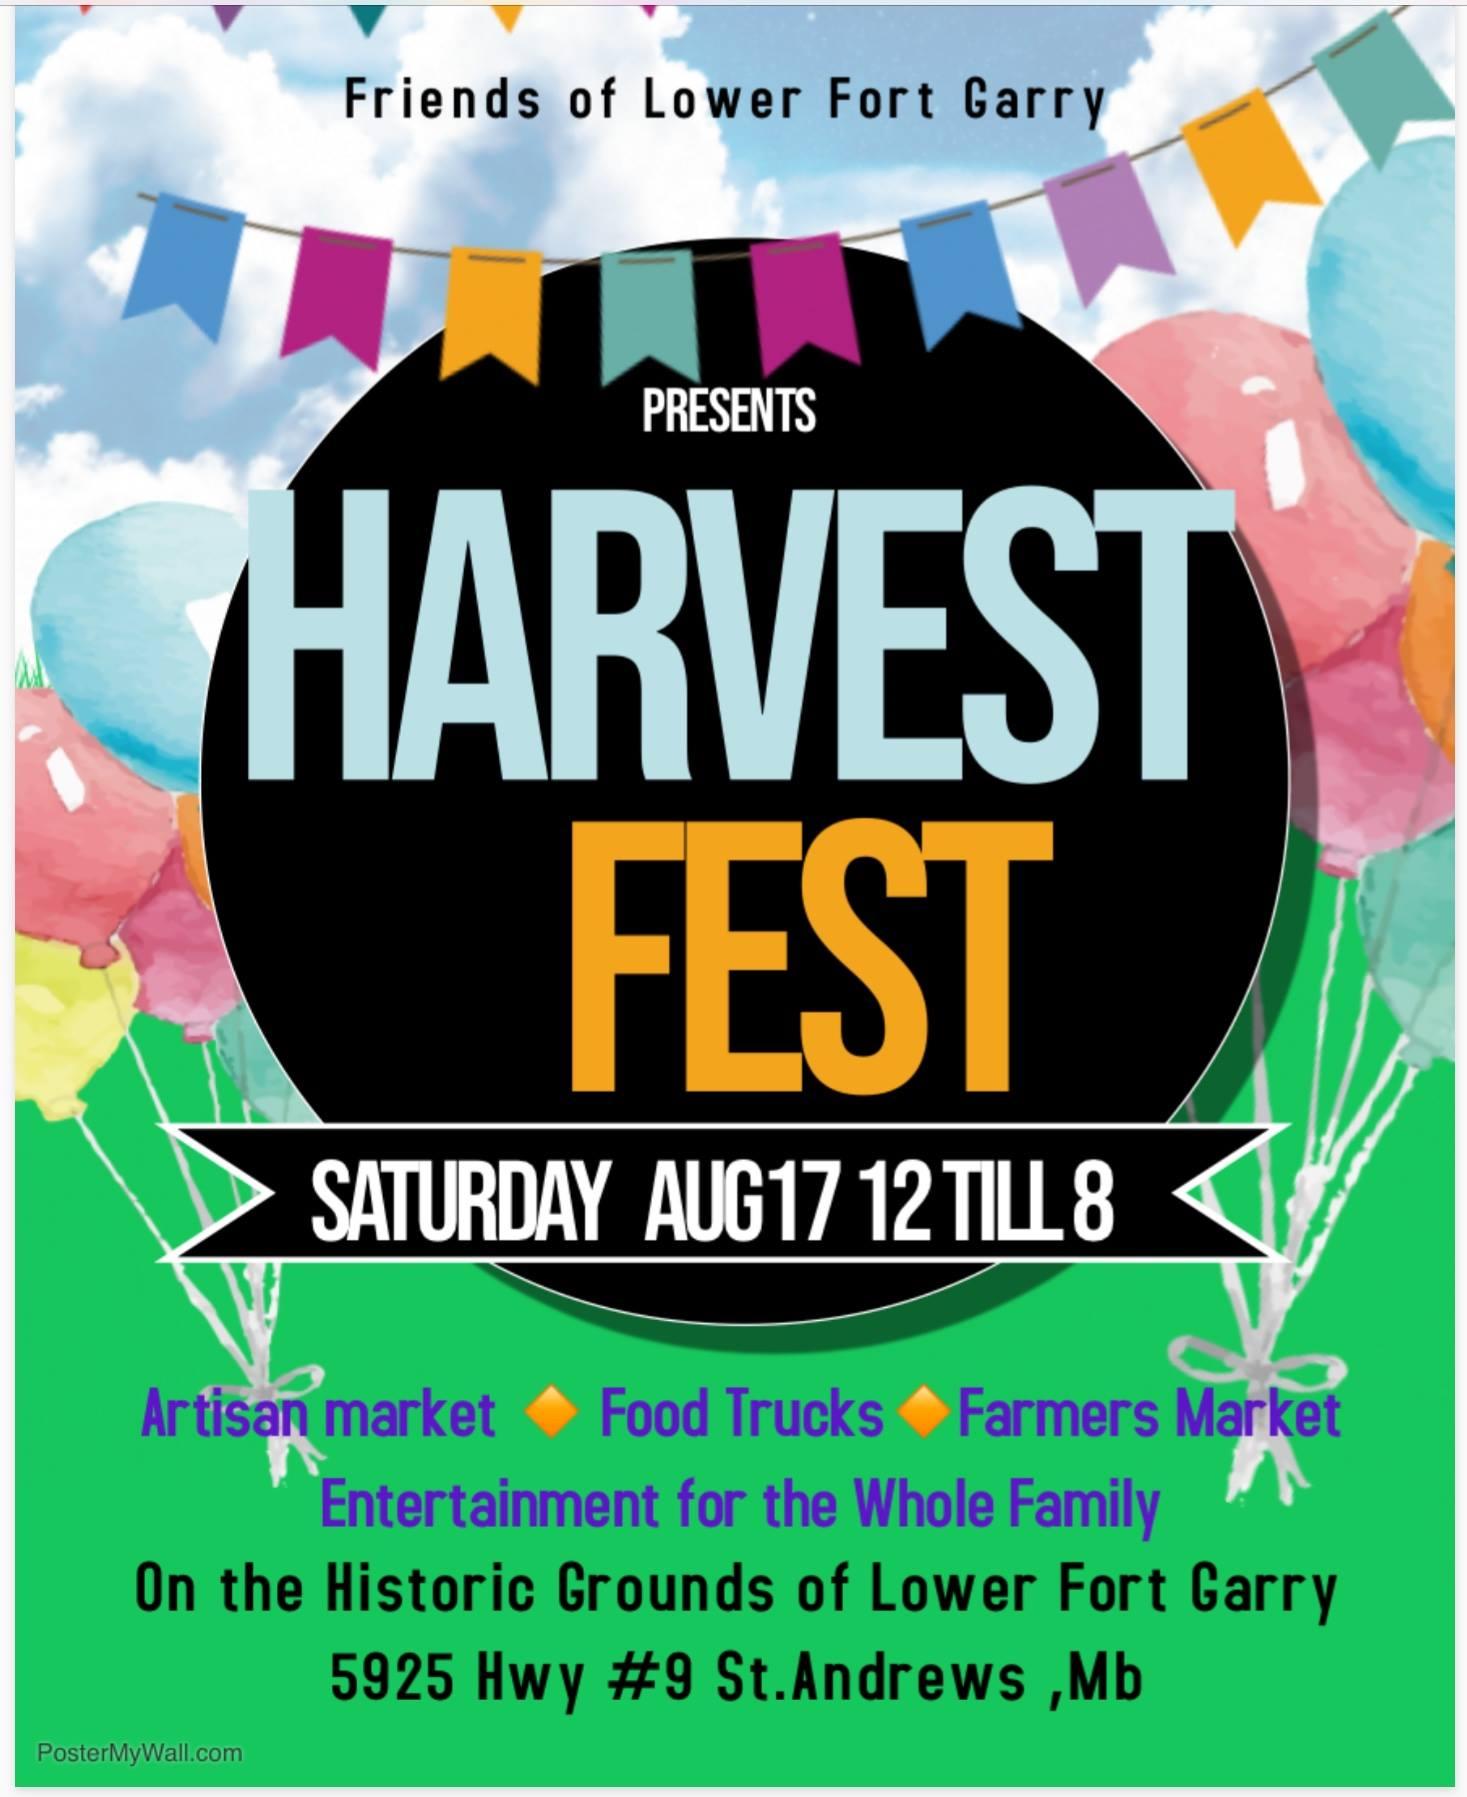 LFG Harvest Fest